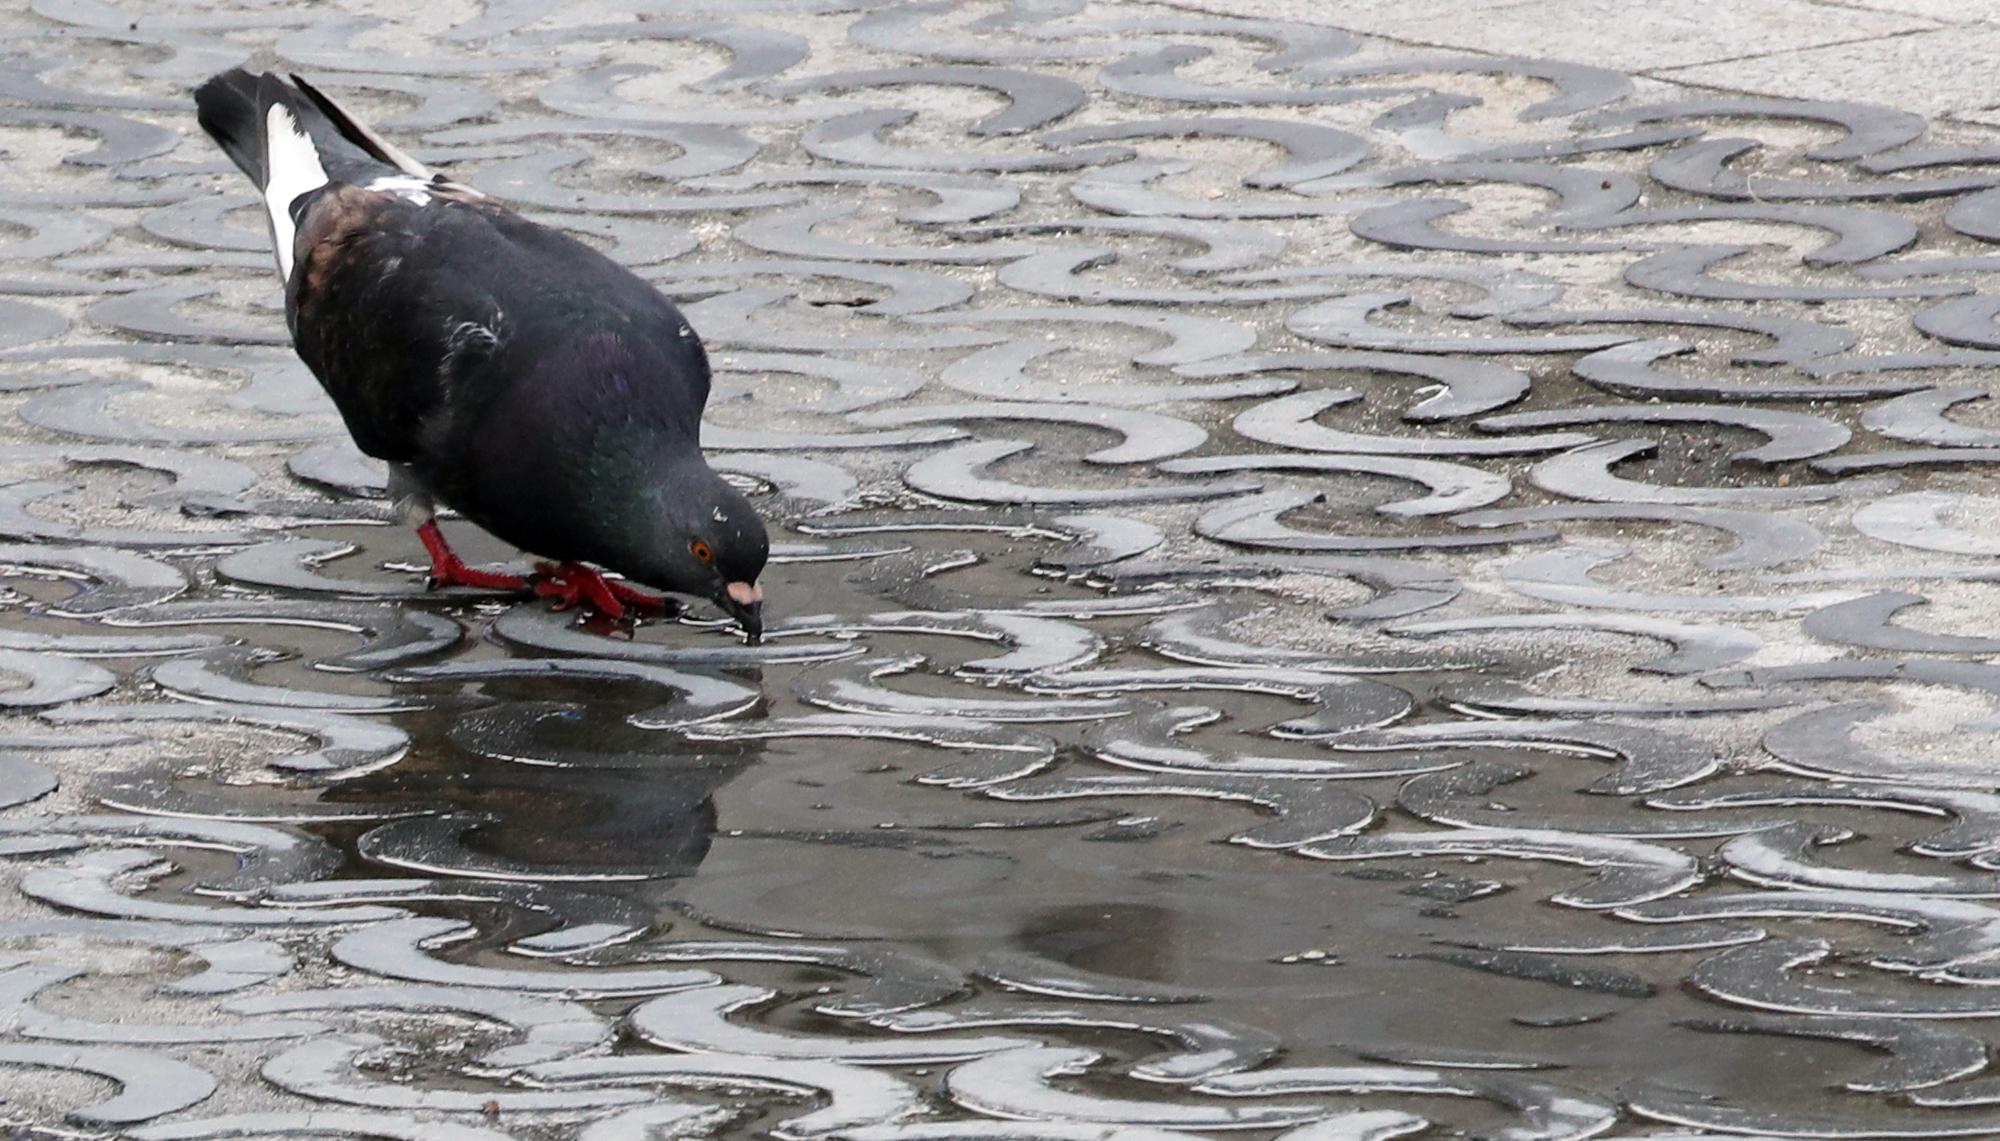 무더위가 계속되던 지난달 6일 서울 종로구 세종대로 세종문화회관 인근에서 비둘기 한마리가 고인 물을 마시고 있다. 도시 비둘기는 사람과 같은 공기를 마시며 살아가기 때문에 오염 지표 역할을 한다. [연합뉴스]